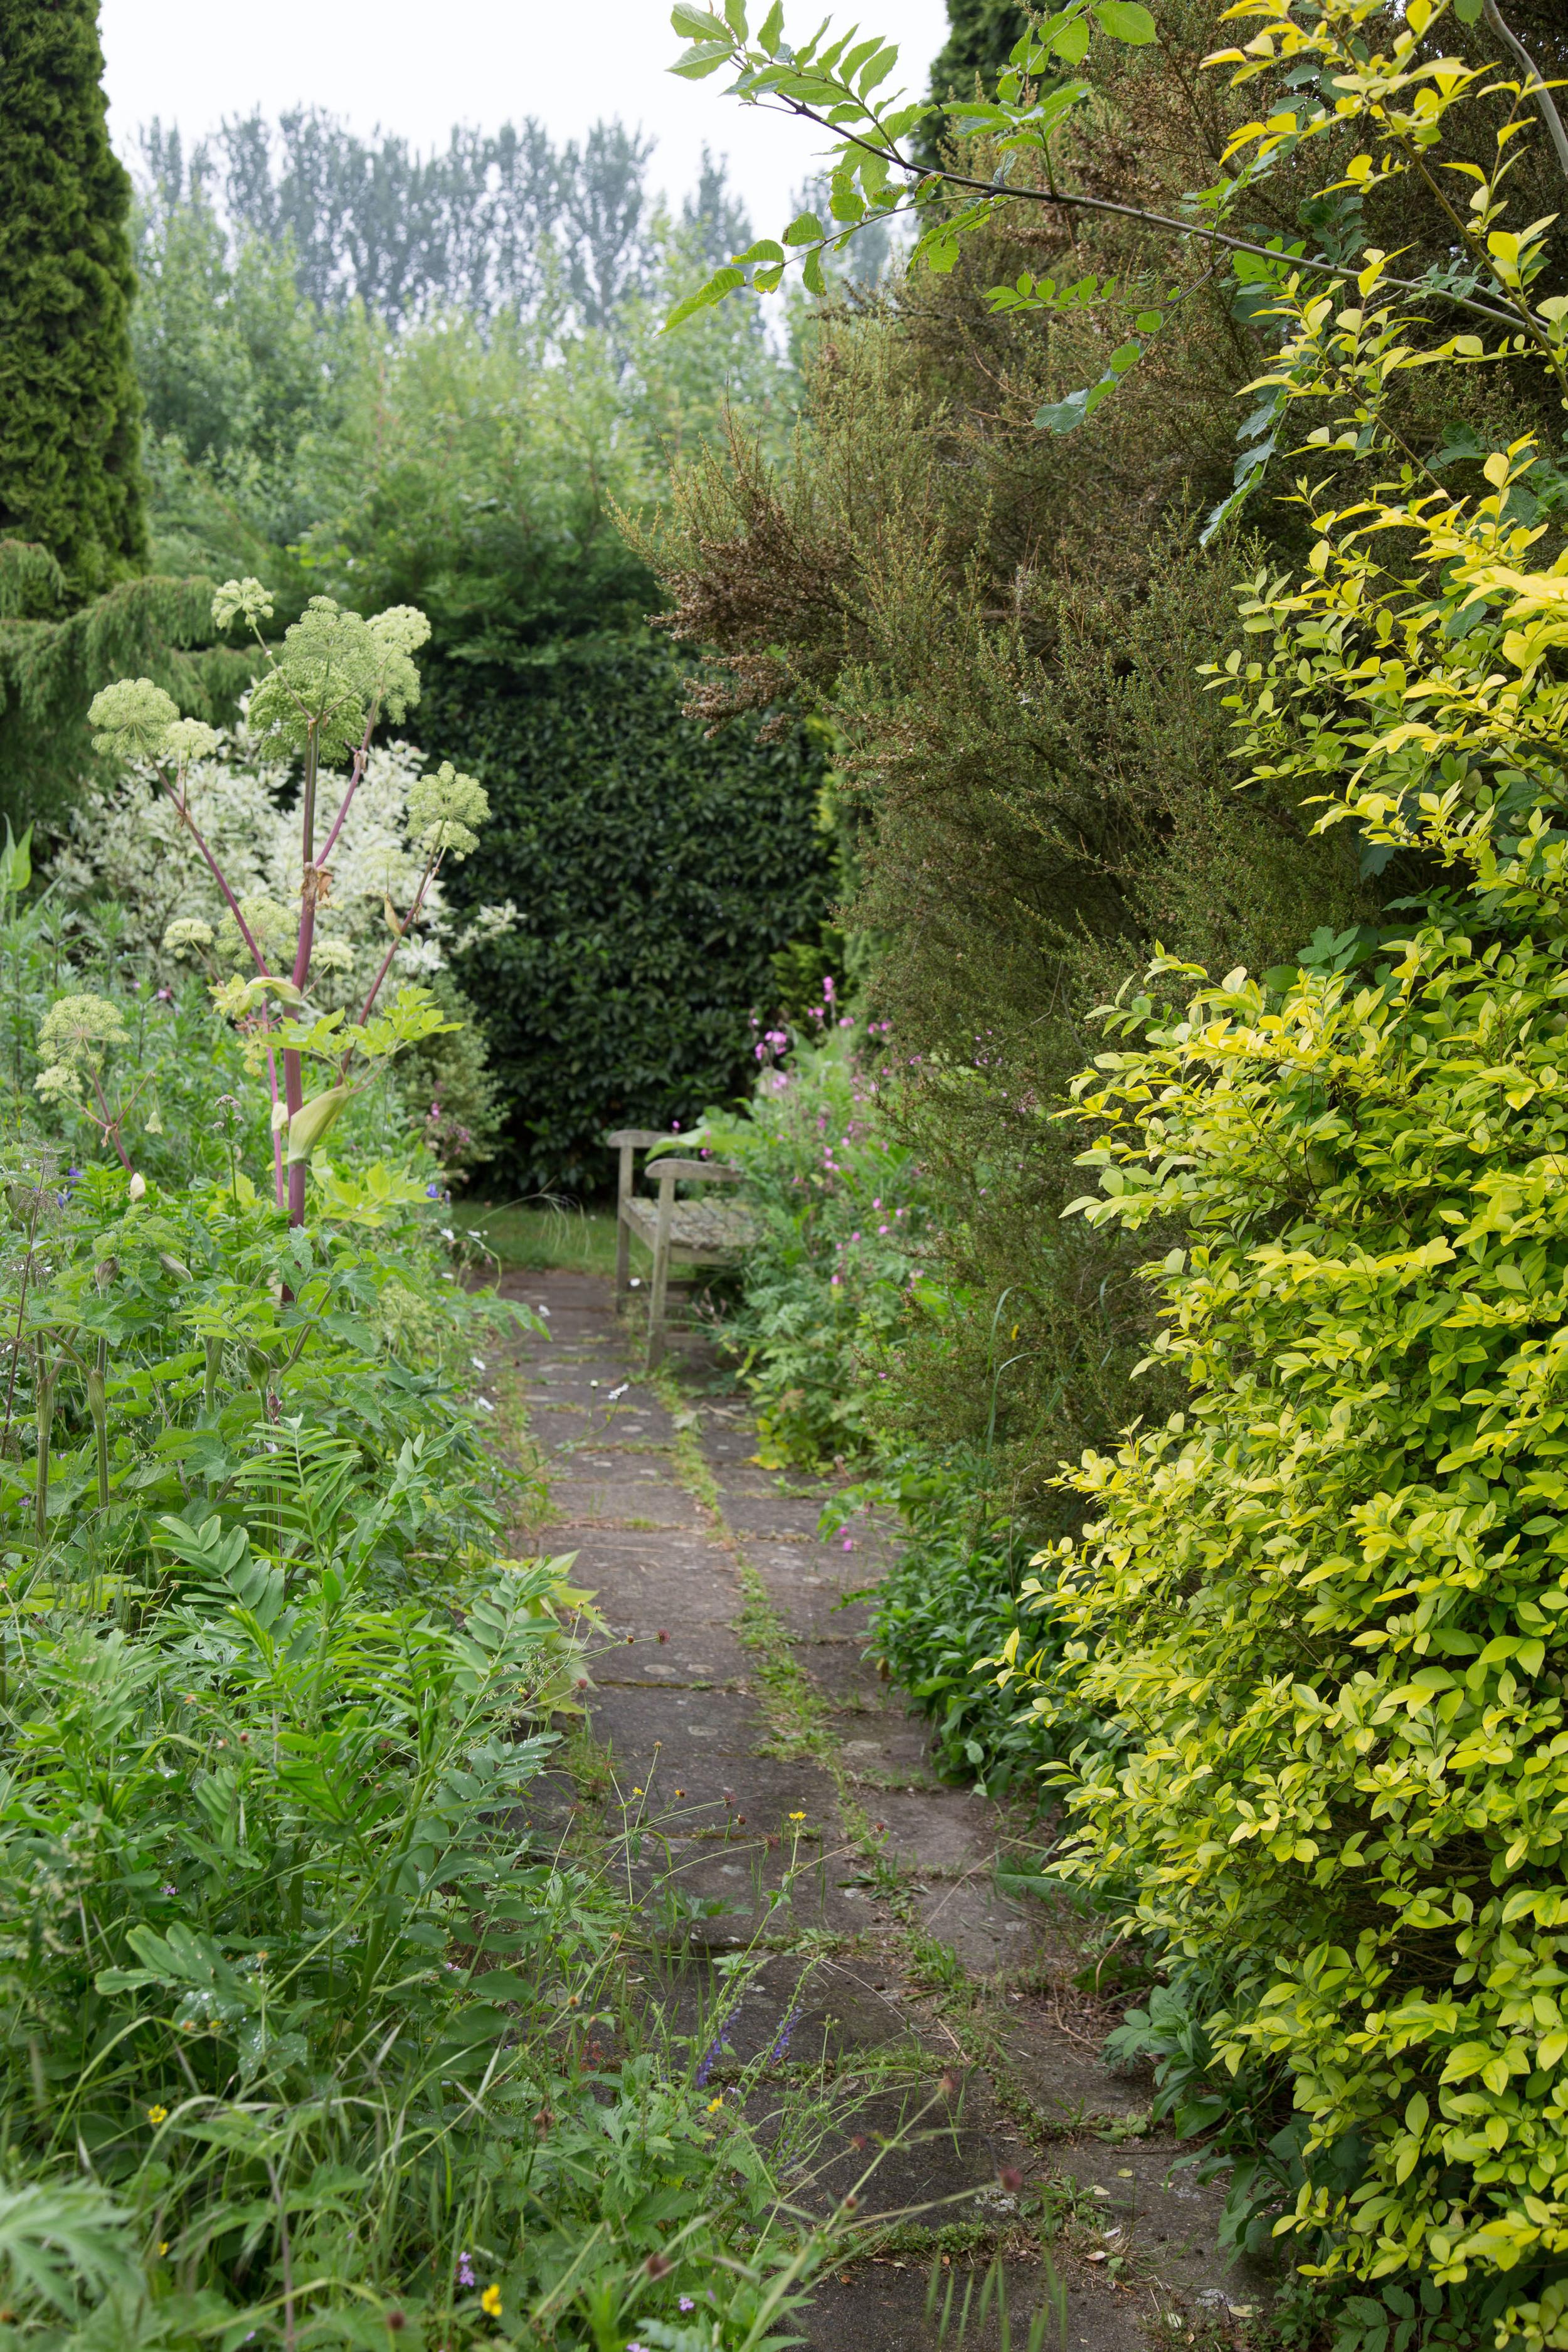 Iden crofts Garten (3011 von 14).jpg